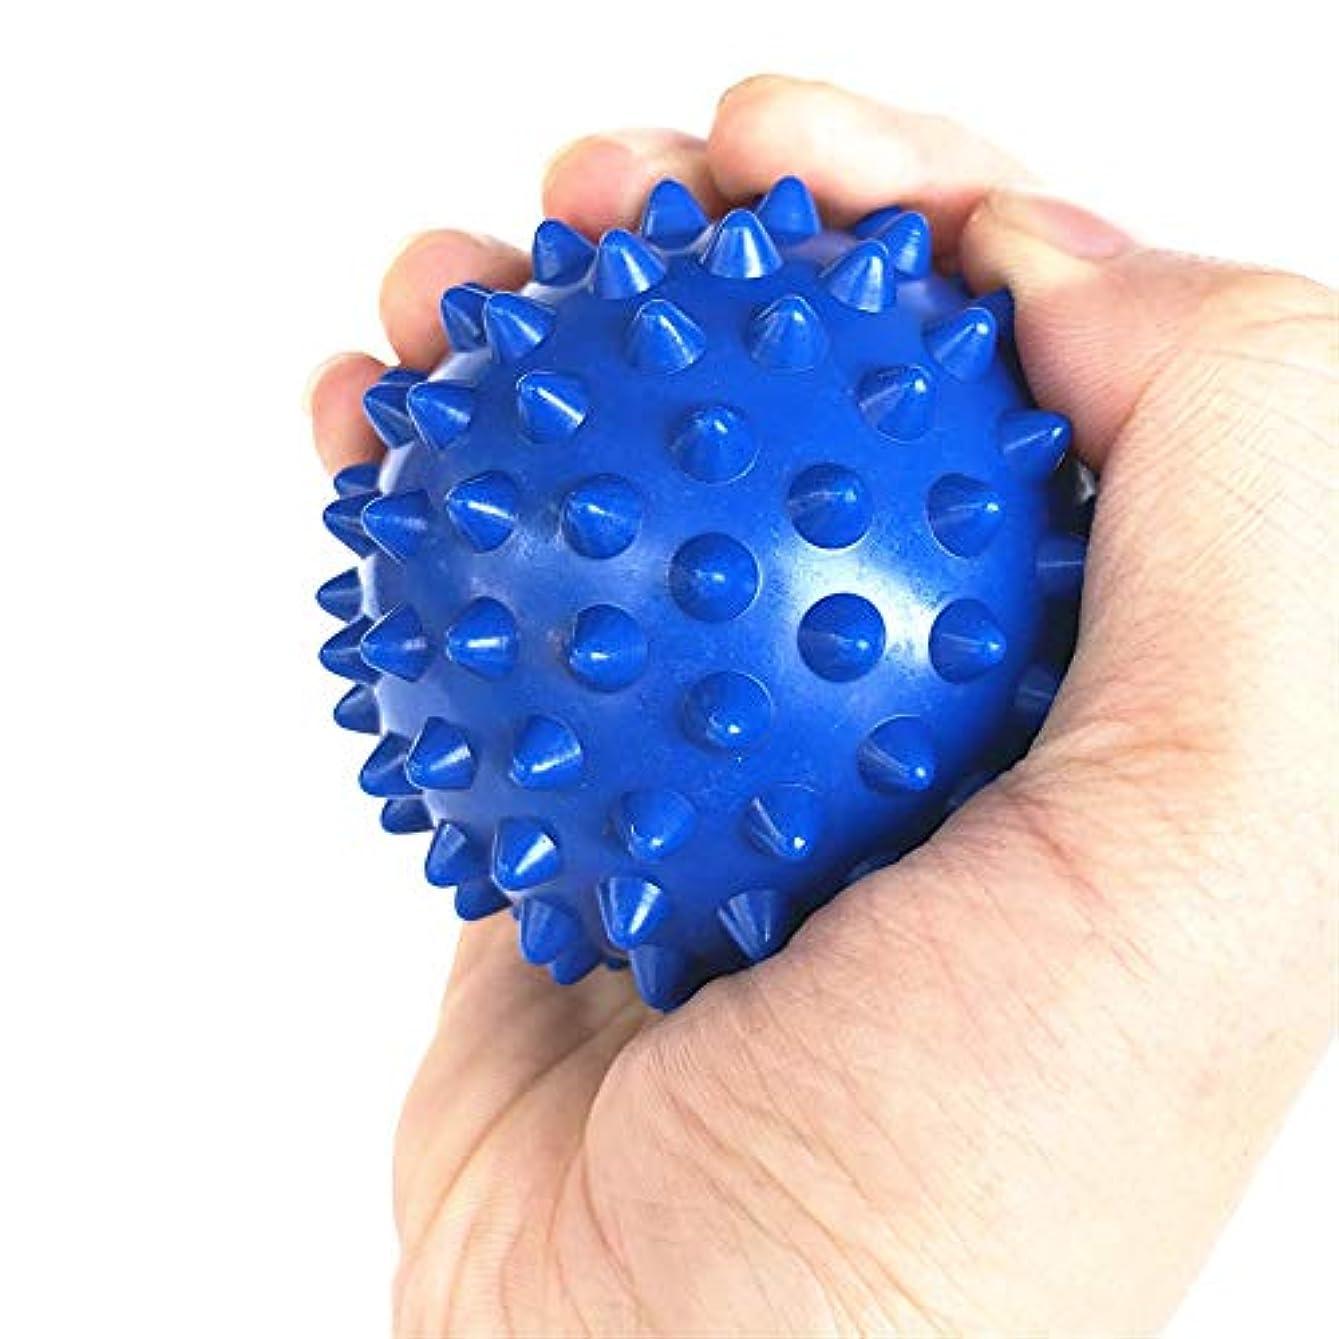 締め切り説明壮大なTyou ラクロスボールテンションリリースマッサージボールのための足のマッサージボールのためのMyofasicalボールの運動ボールの青